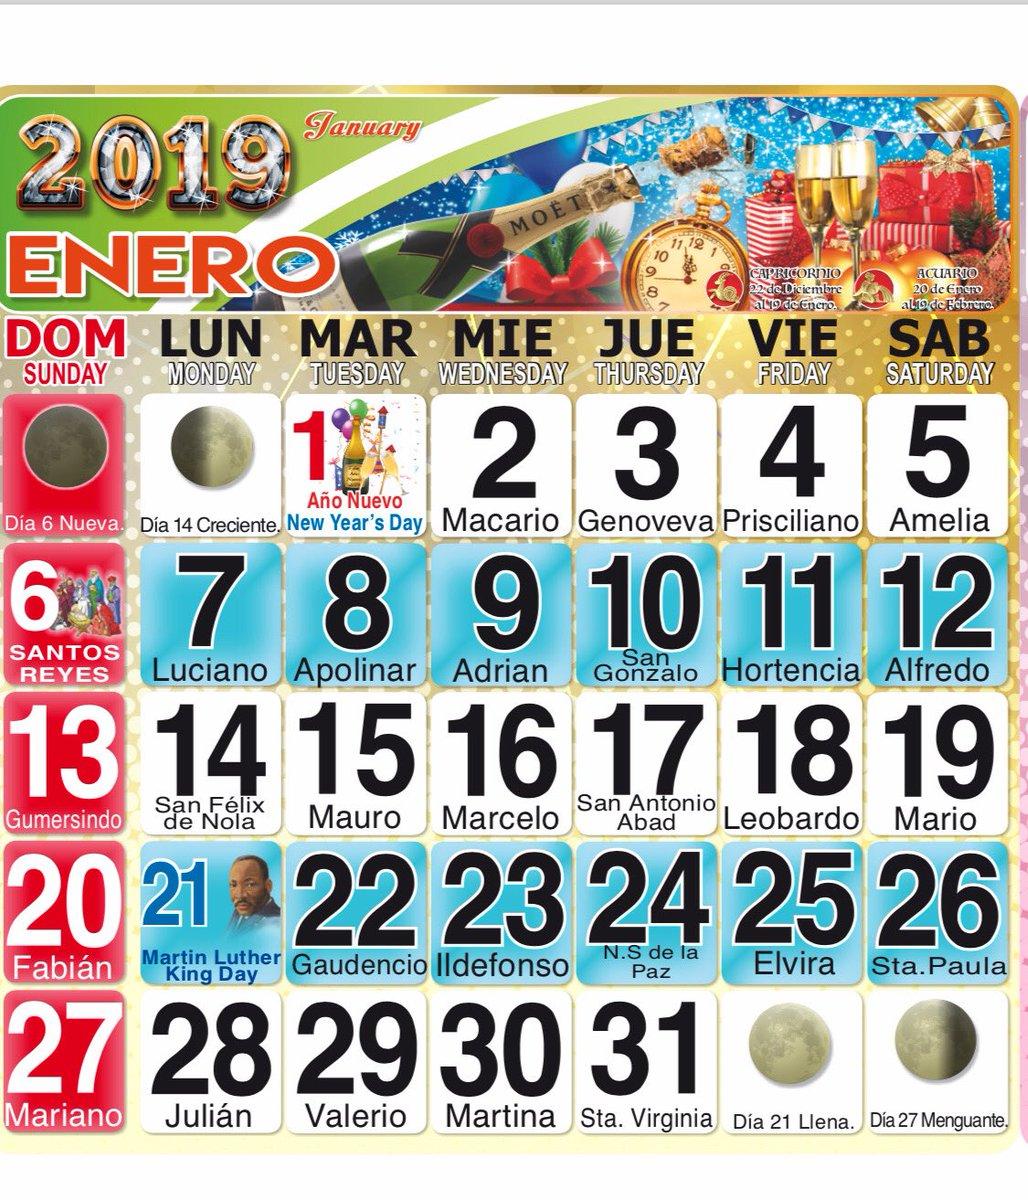 Calendario Santoral 2019.Top 10 Punto Medio Noticias Calendario 2019 Mexico Con Dias